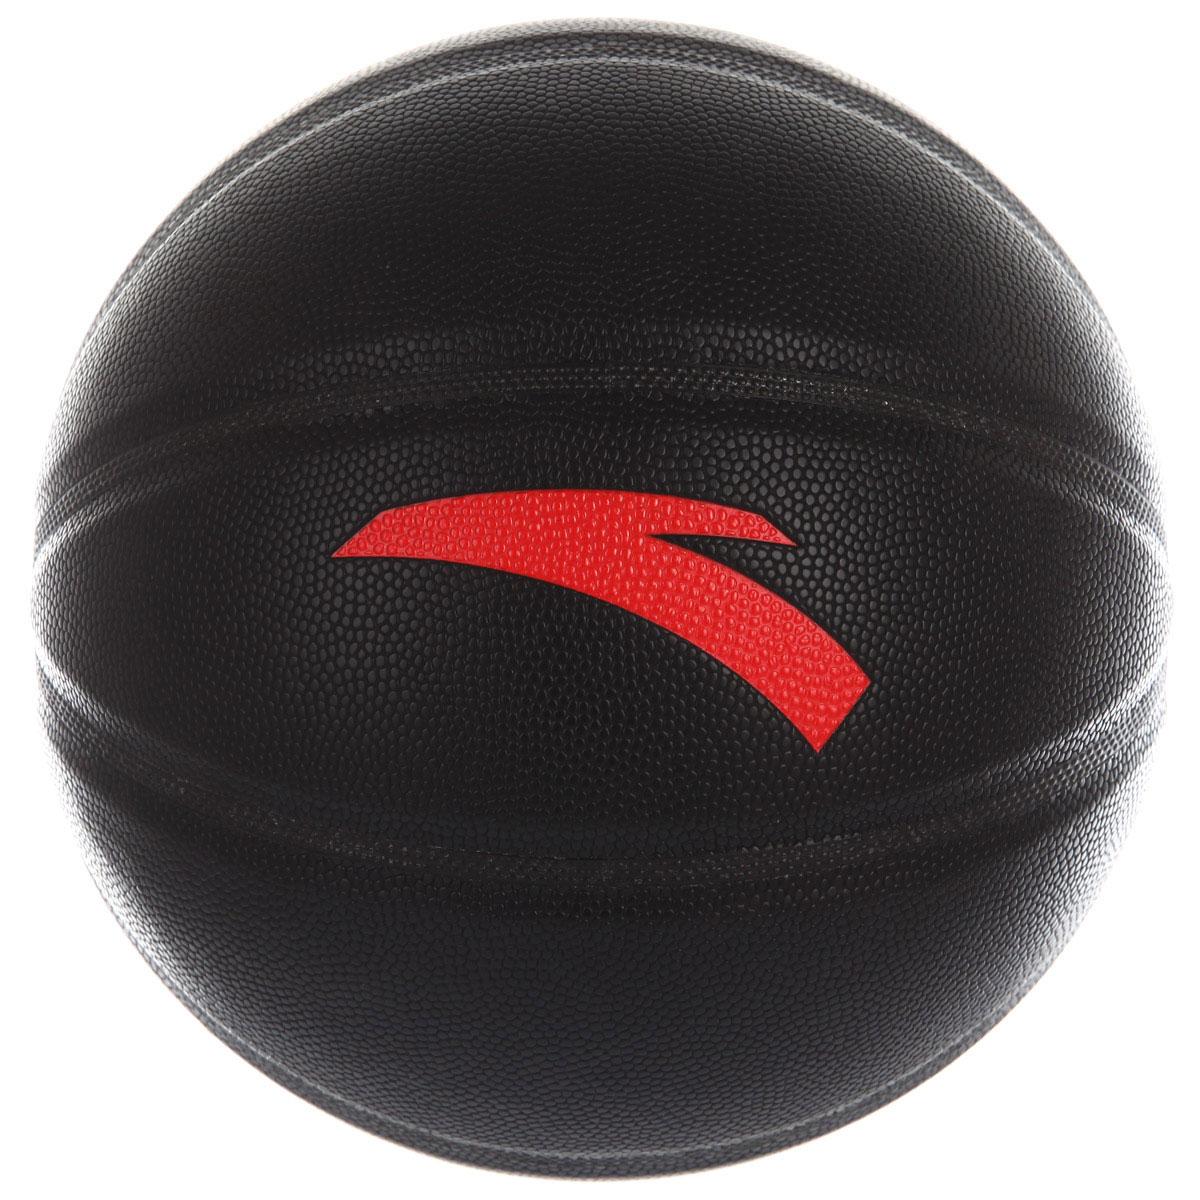 Купить Другие товары ANTA, Баскетбольный мяч ANTA Basketball A-2 размер 7, Чёрный